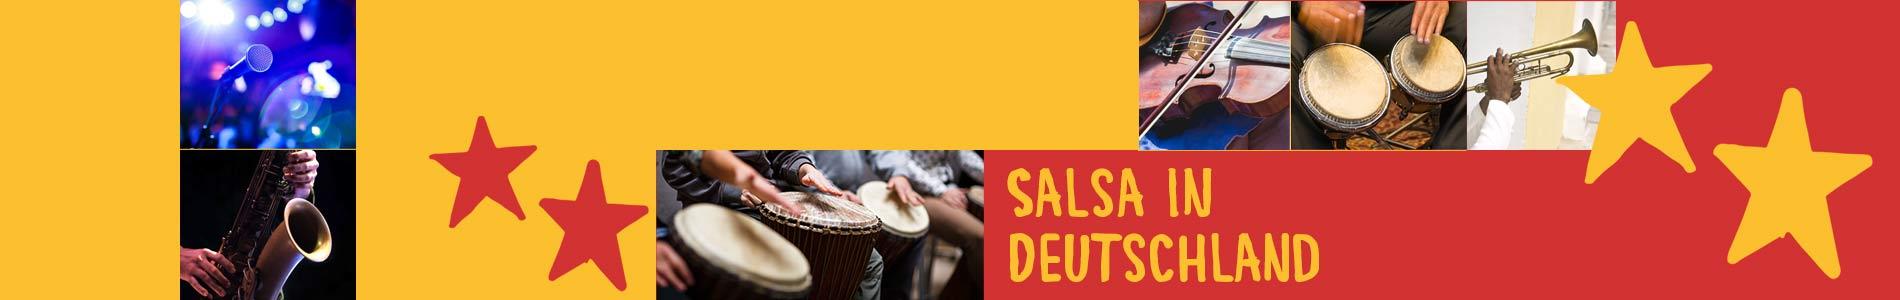 Salsa in Creußen – Salsa lernen und tanzen, Tanzkurse, Partys, Veranstaltungen